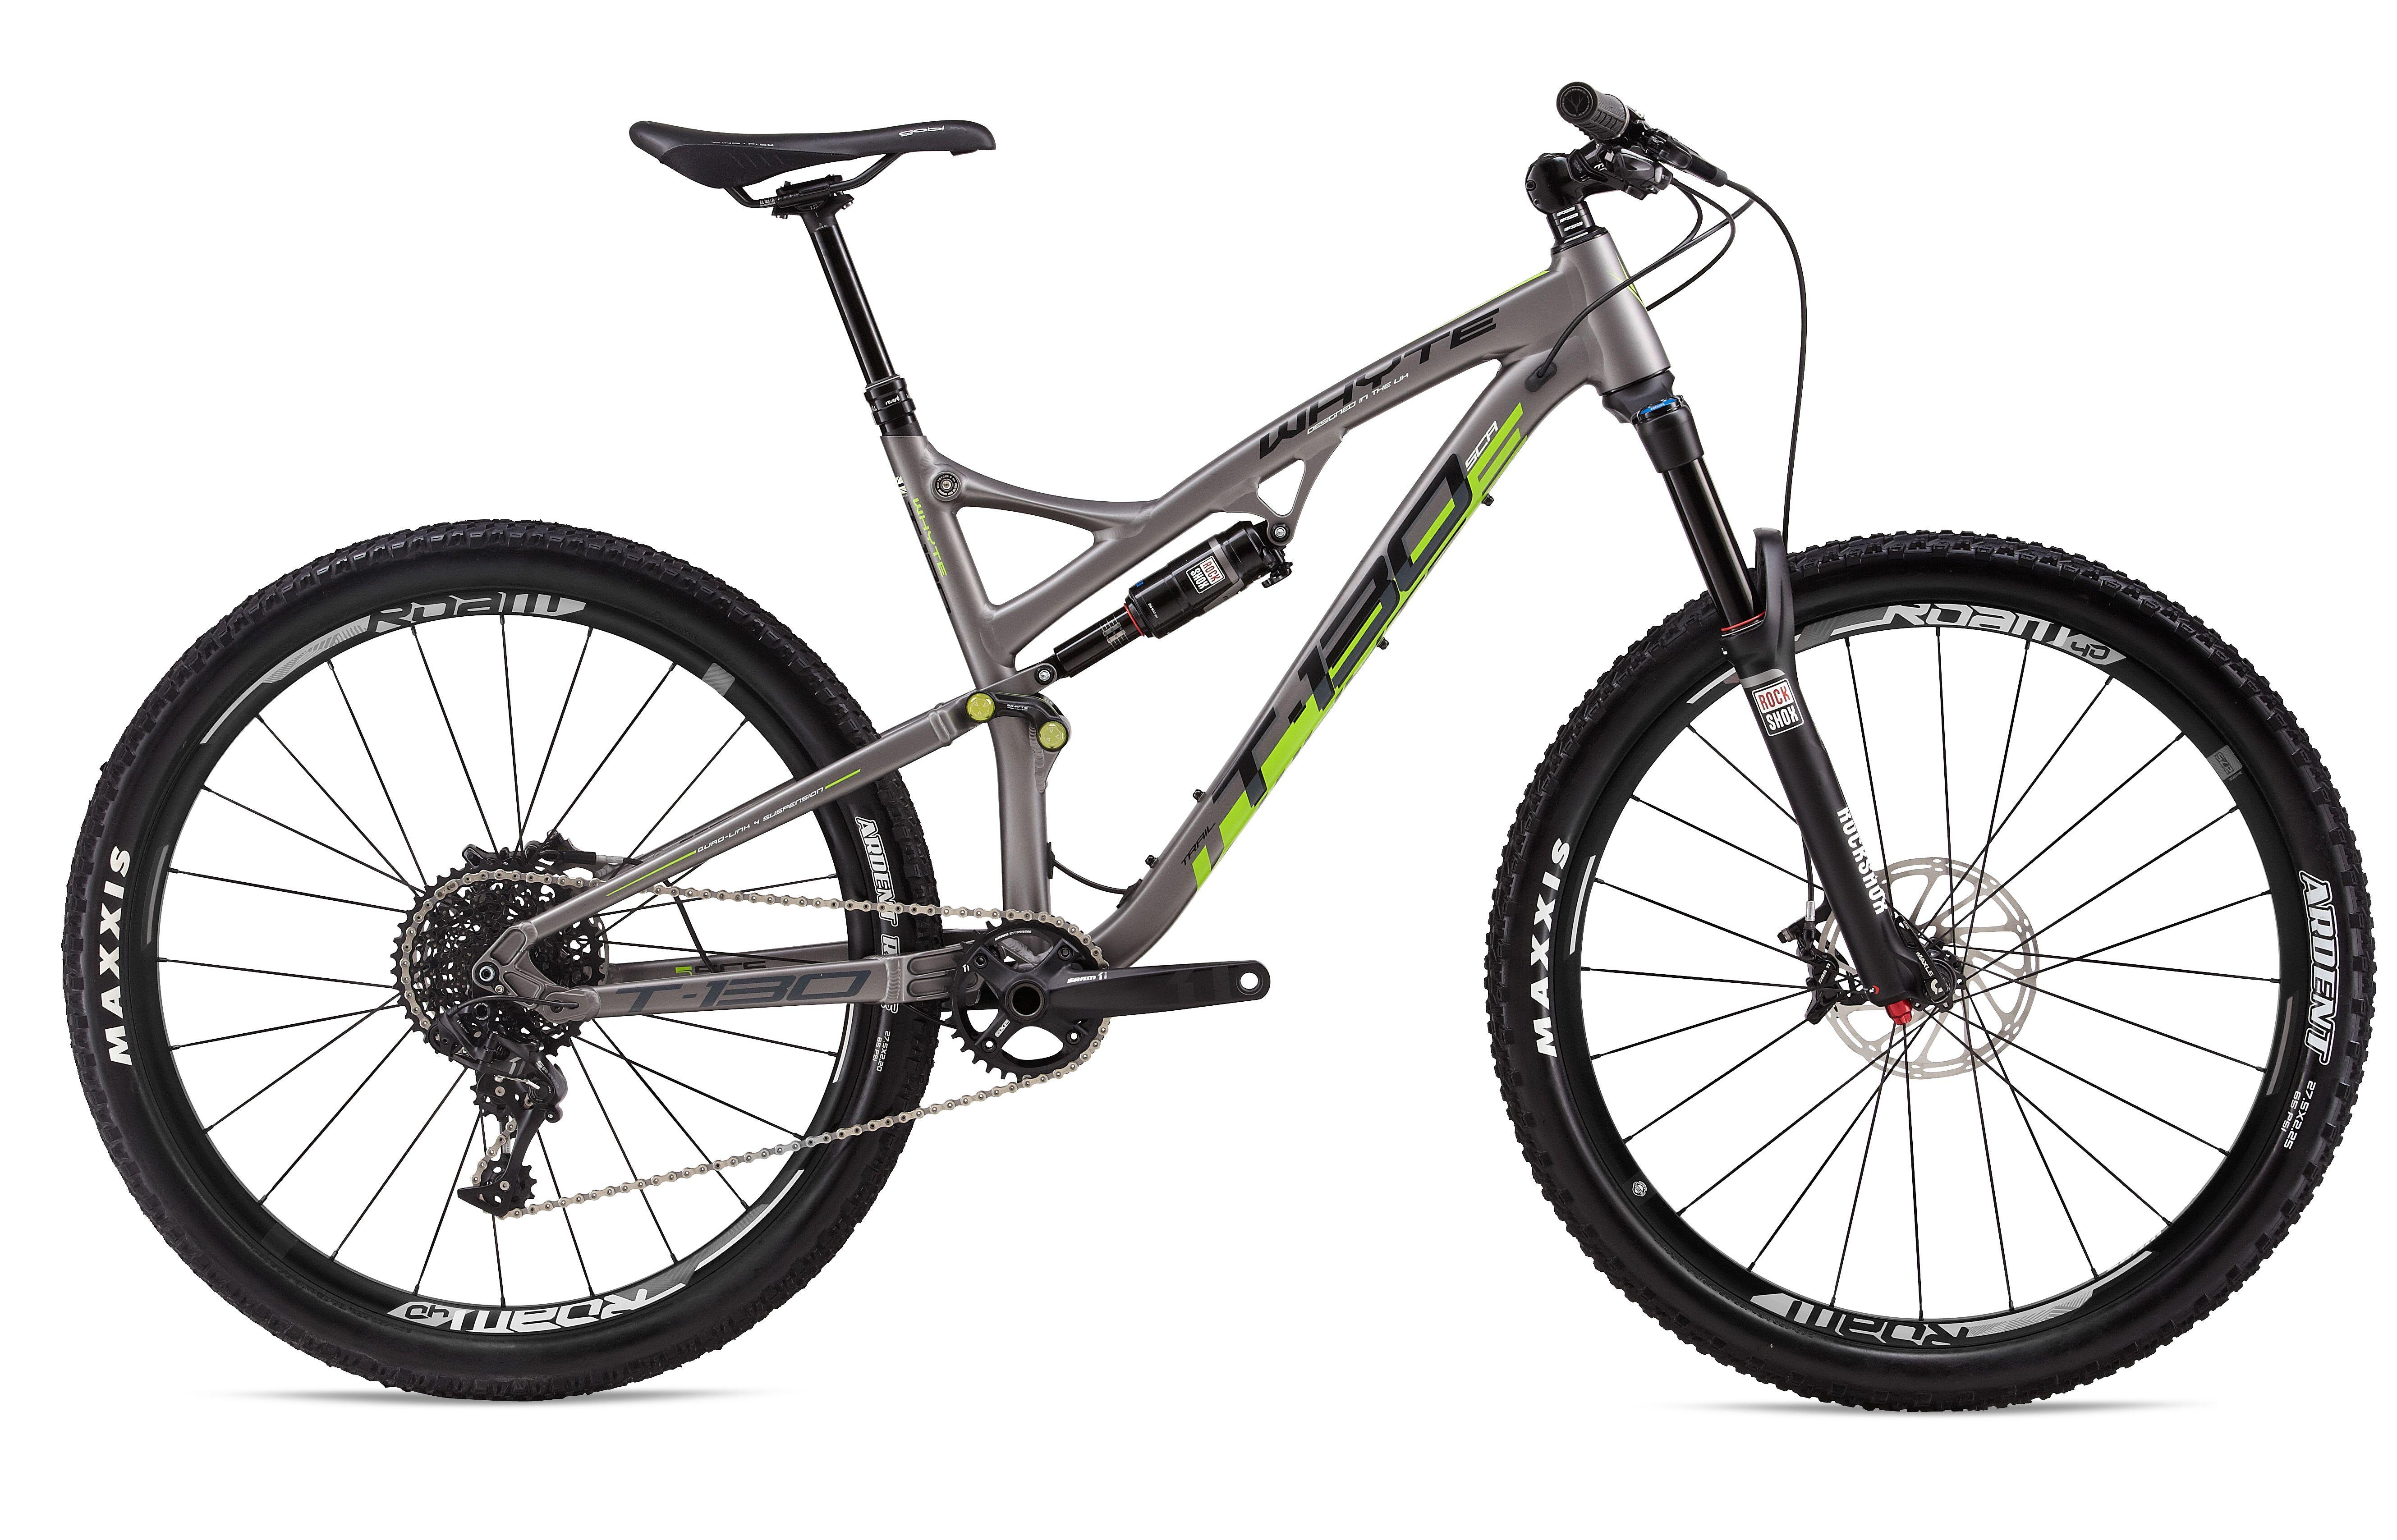 T 130 Works Scr 2999 Whyte Bikes Best Mountain Bikes